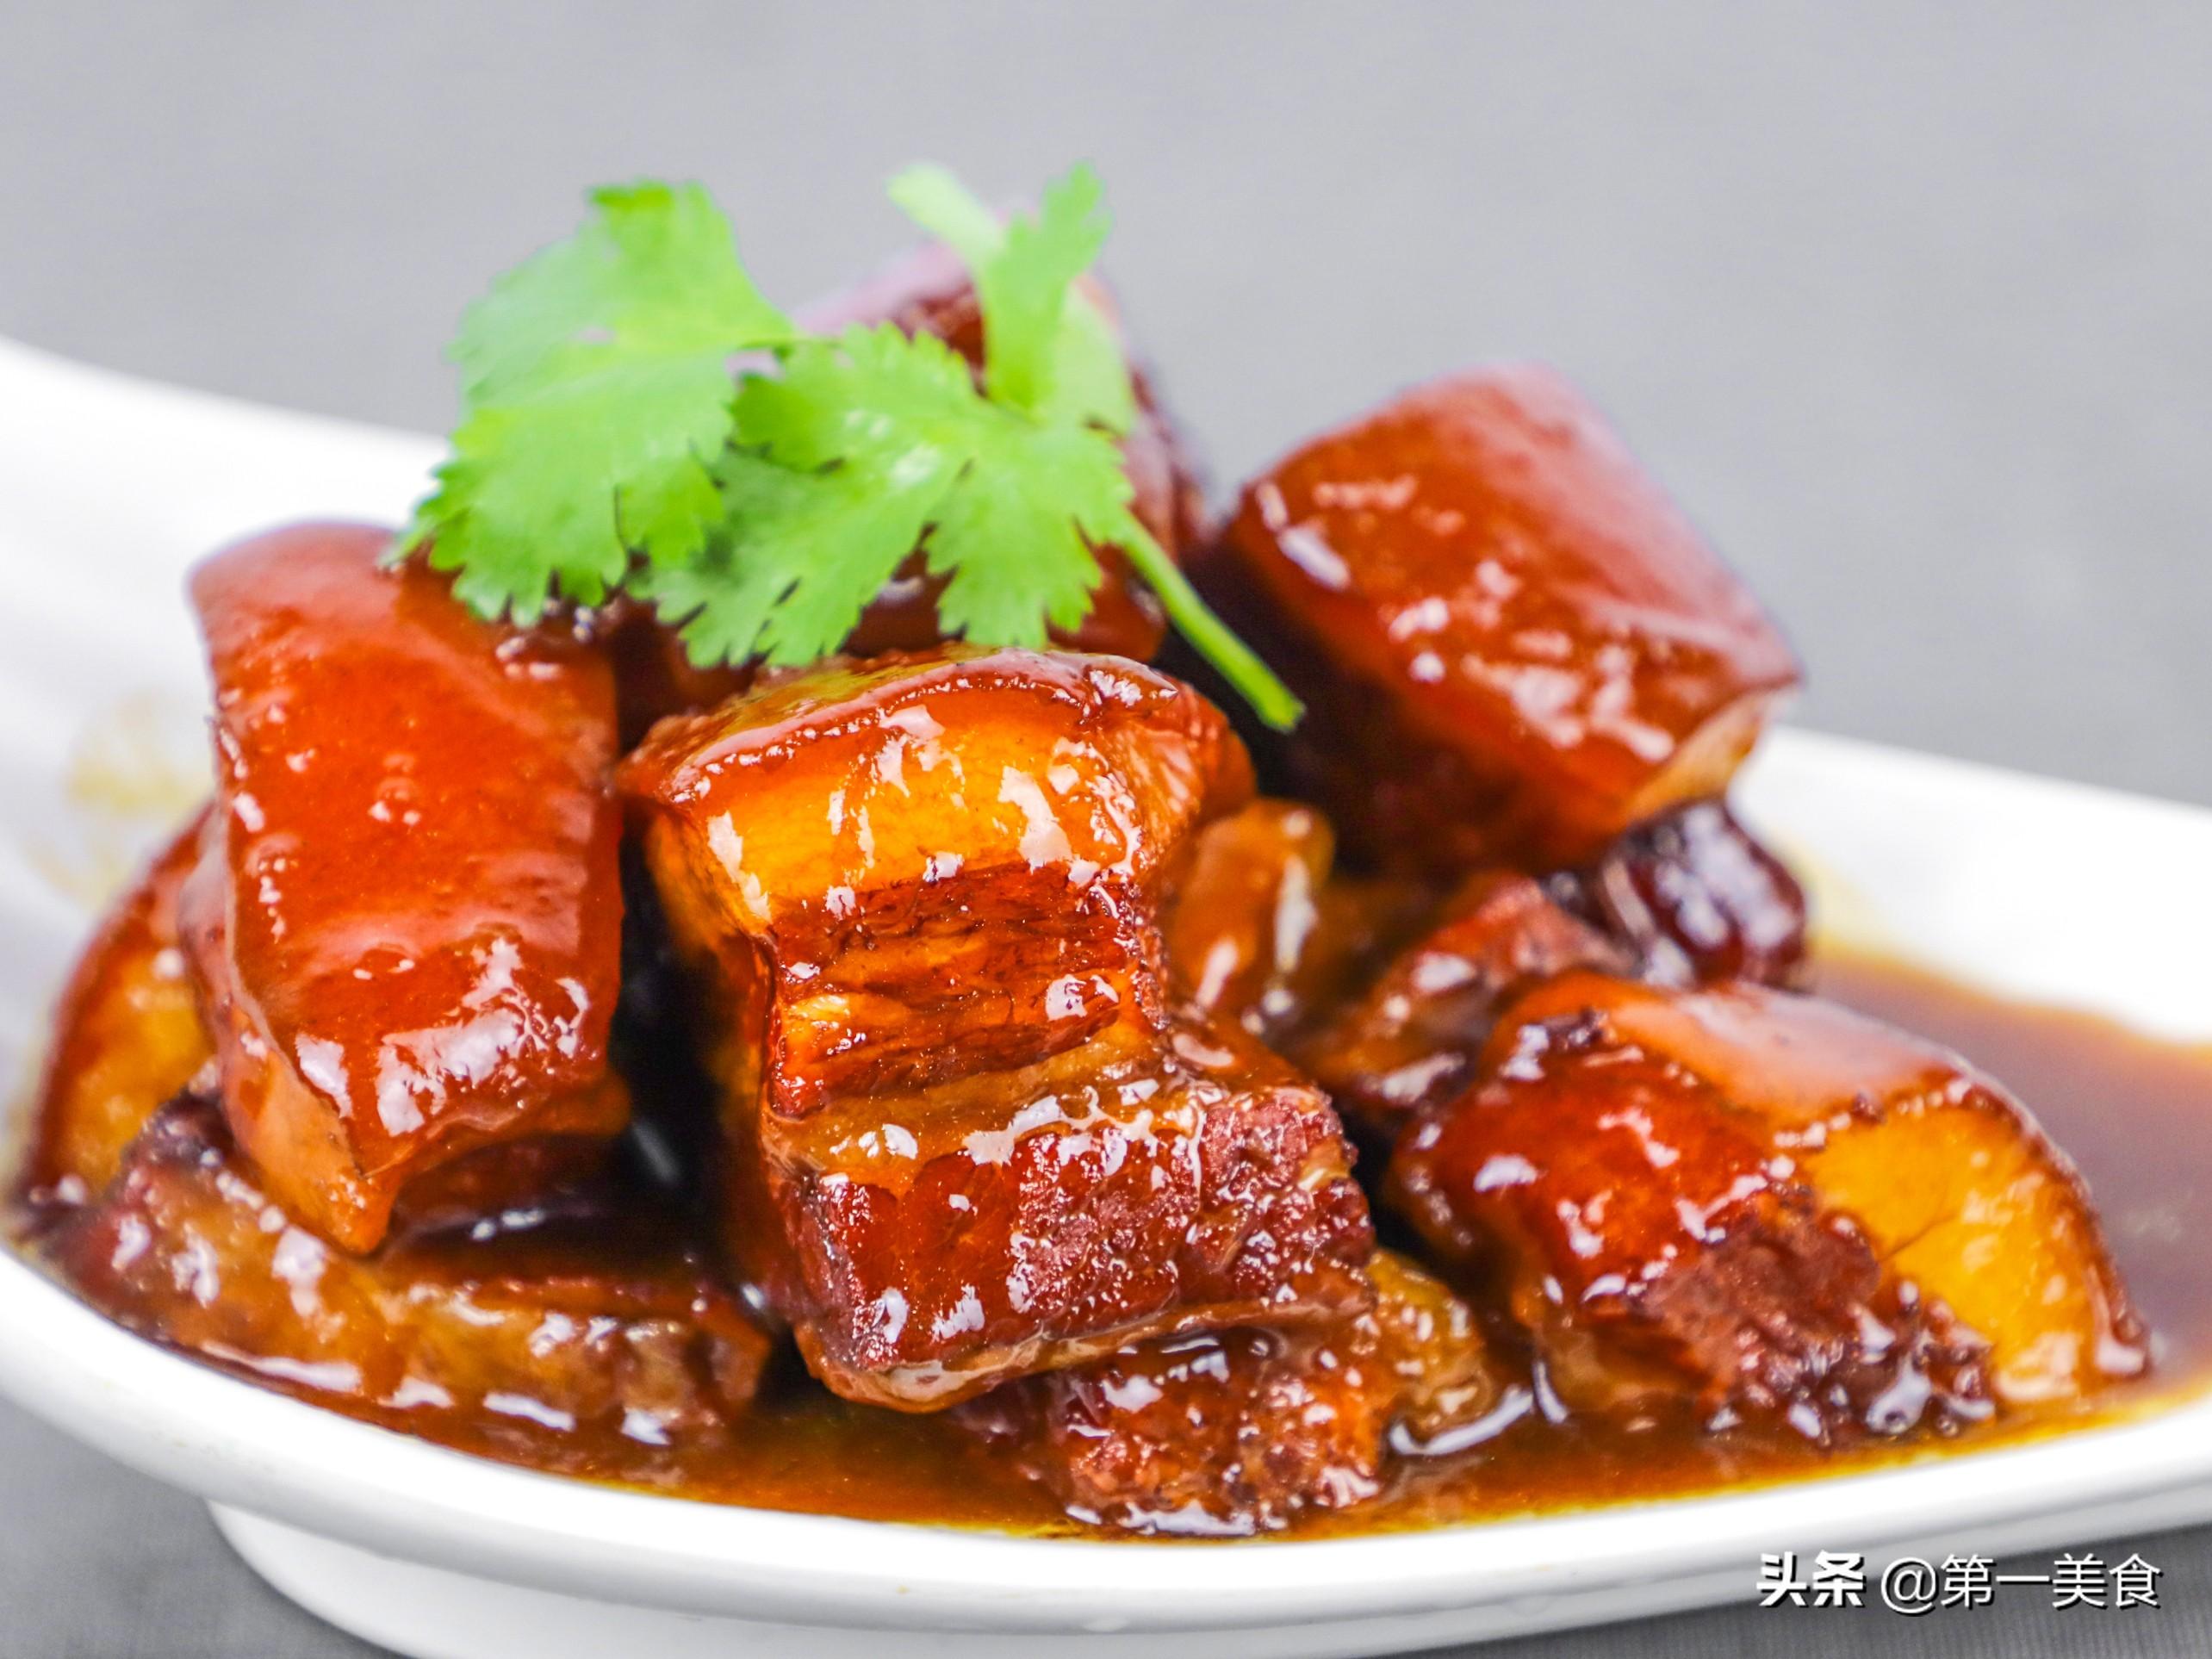 红烧肉(东坡肉 )最正确的家常做法